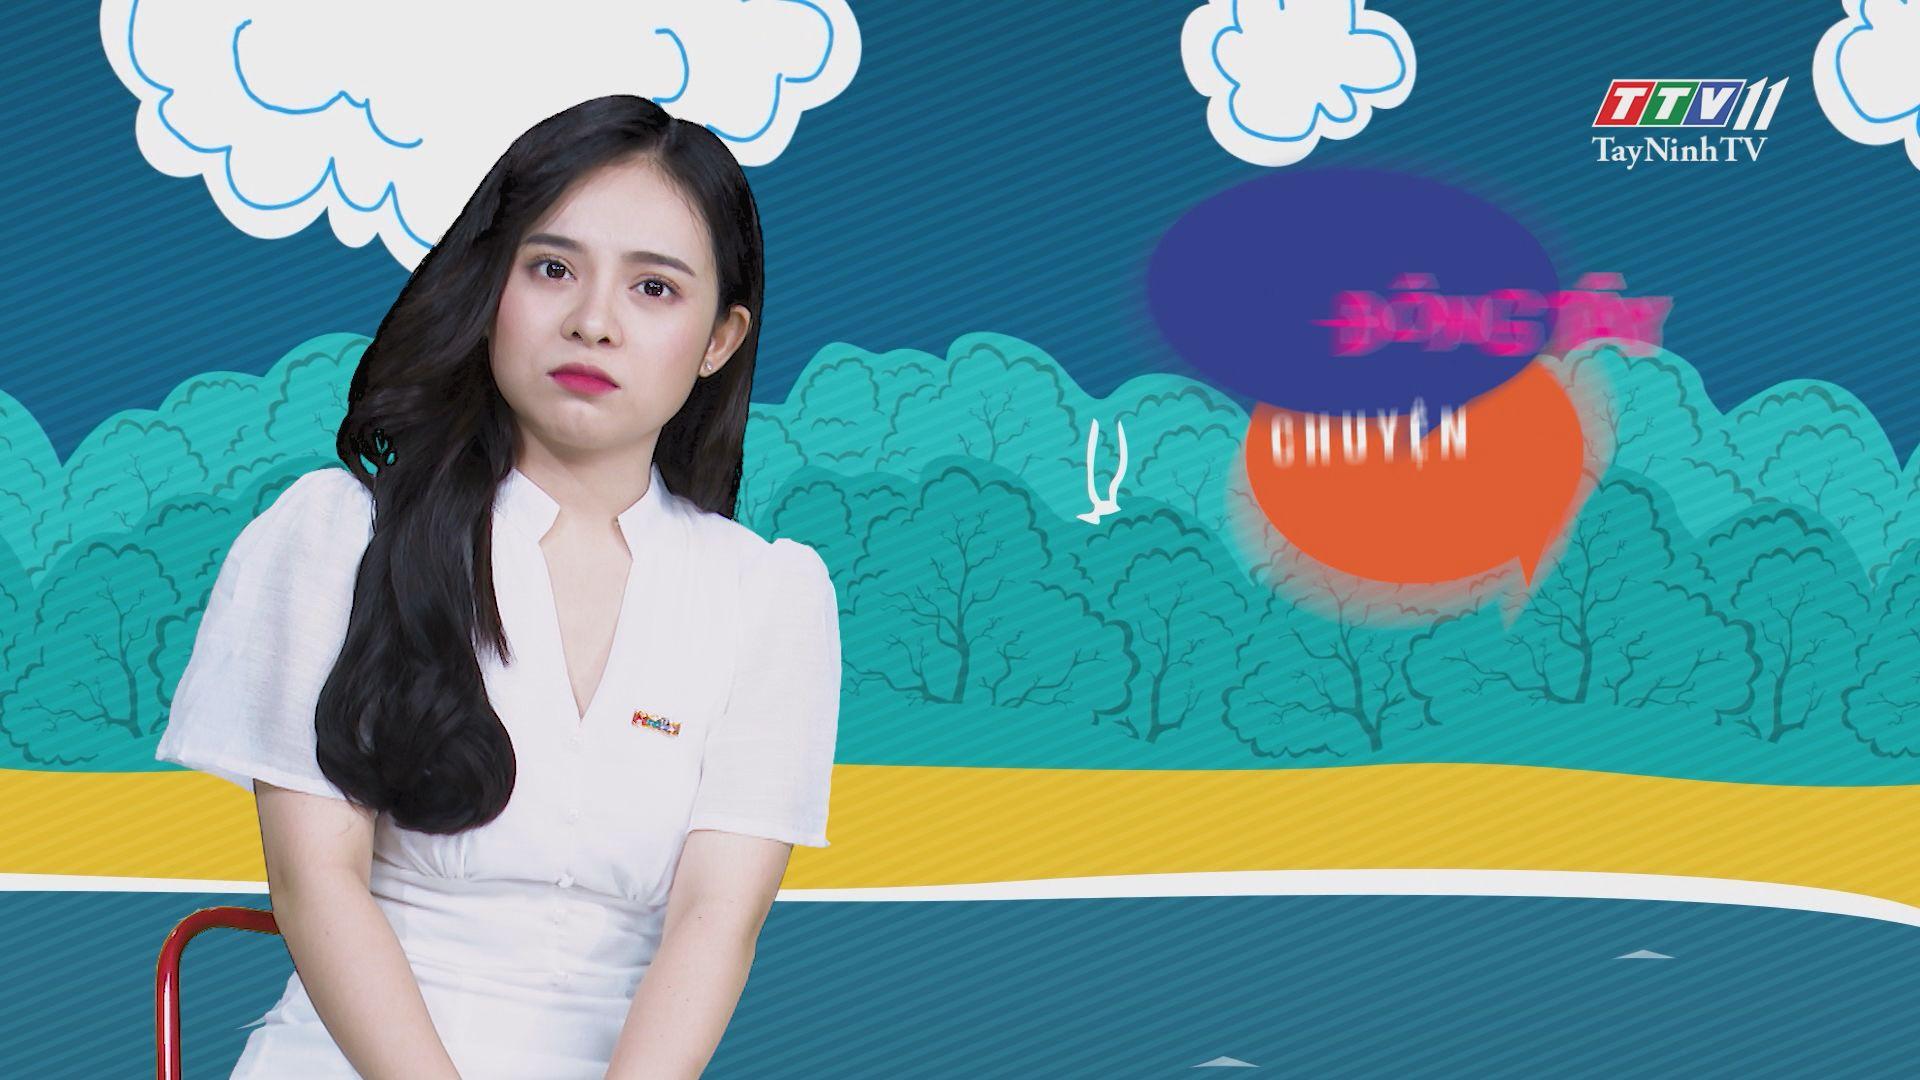 Chuyện Đông Tây Kỳ Thú 17-7-2020 | TayNinhTV